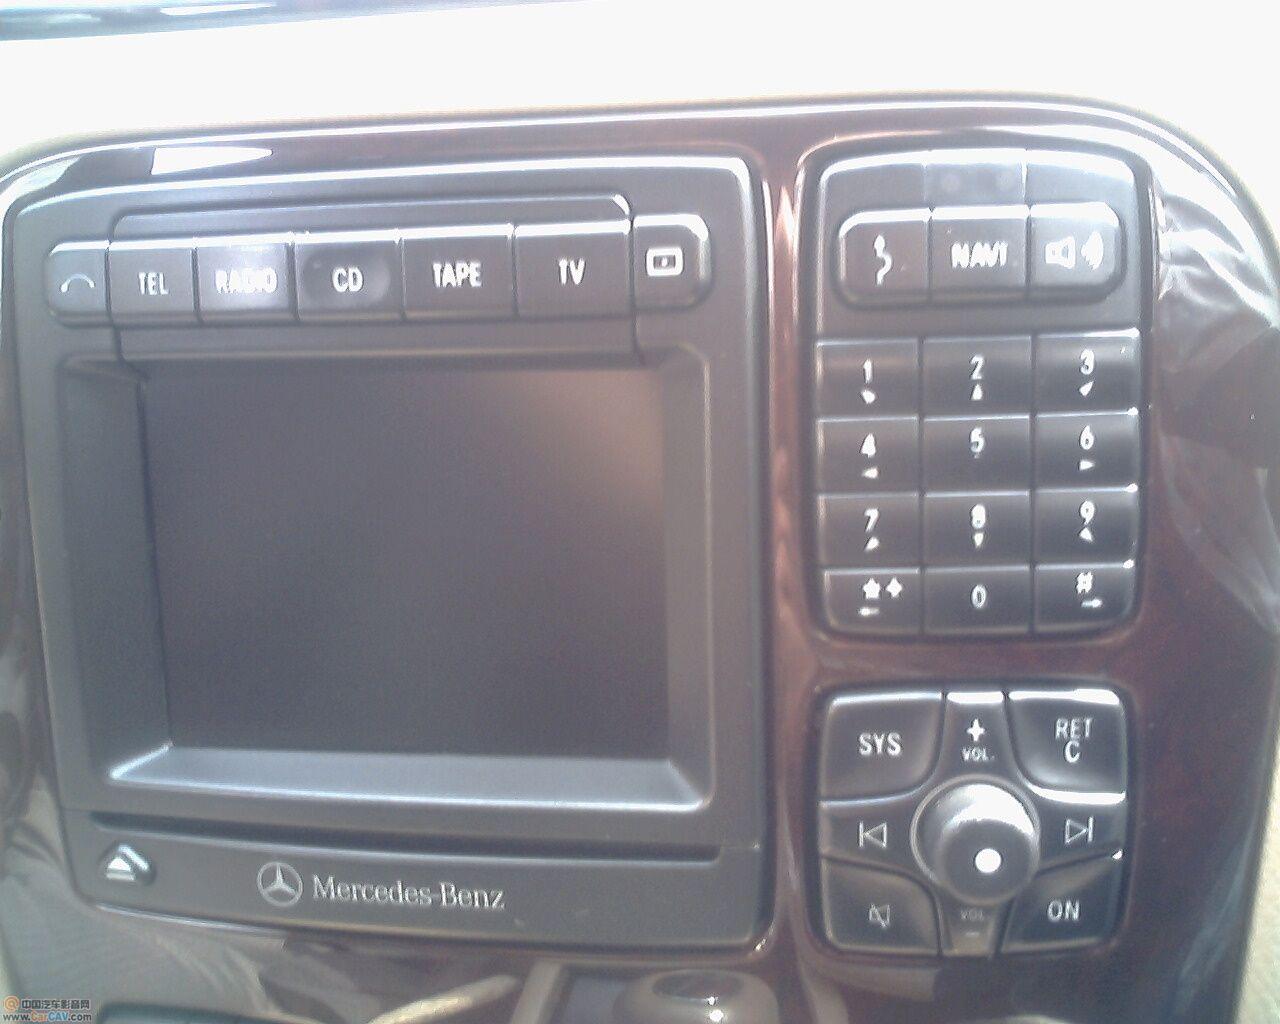 2001年欧版奔驰S320怎样加DVD导航 汽车影音网论坛 汽车...